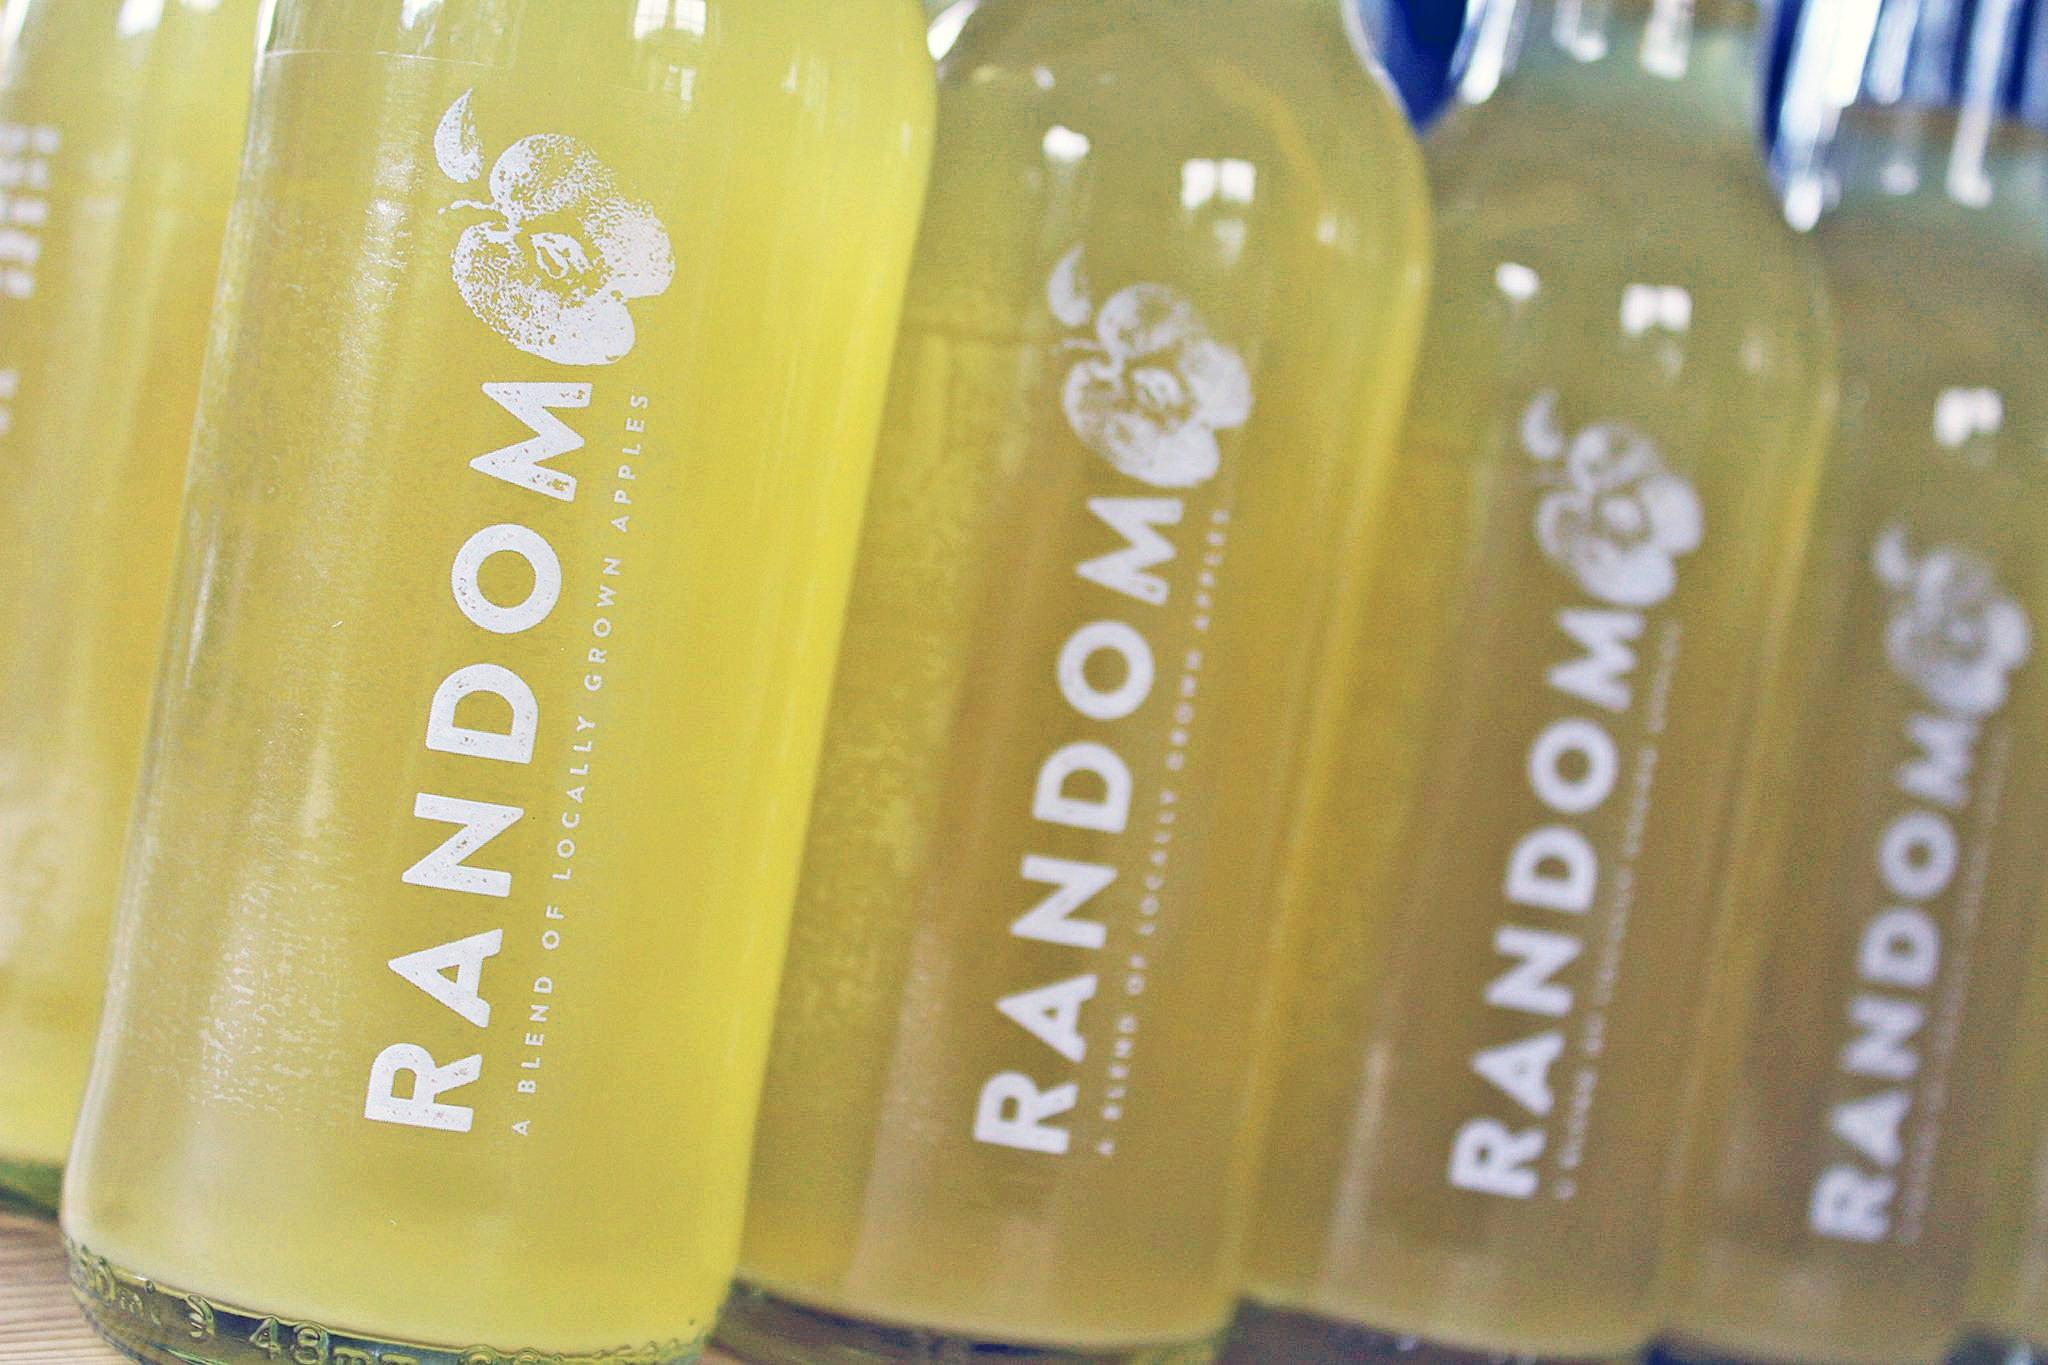 Random Apple Juice, 250ml